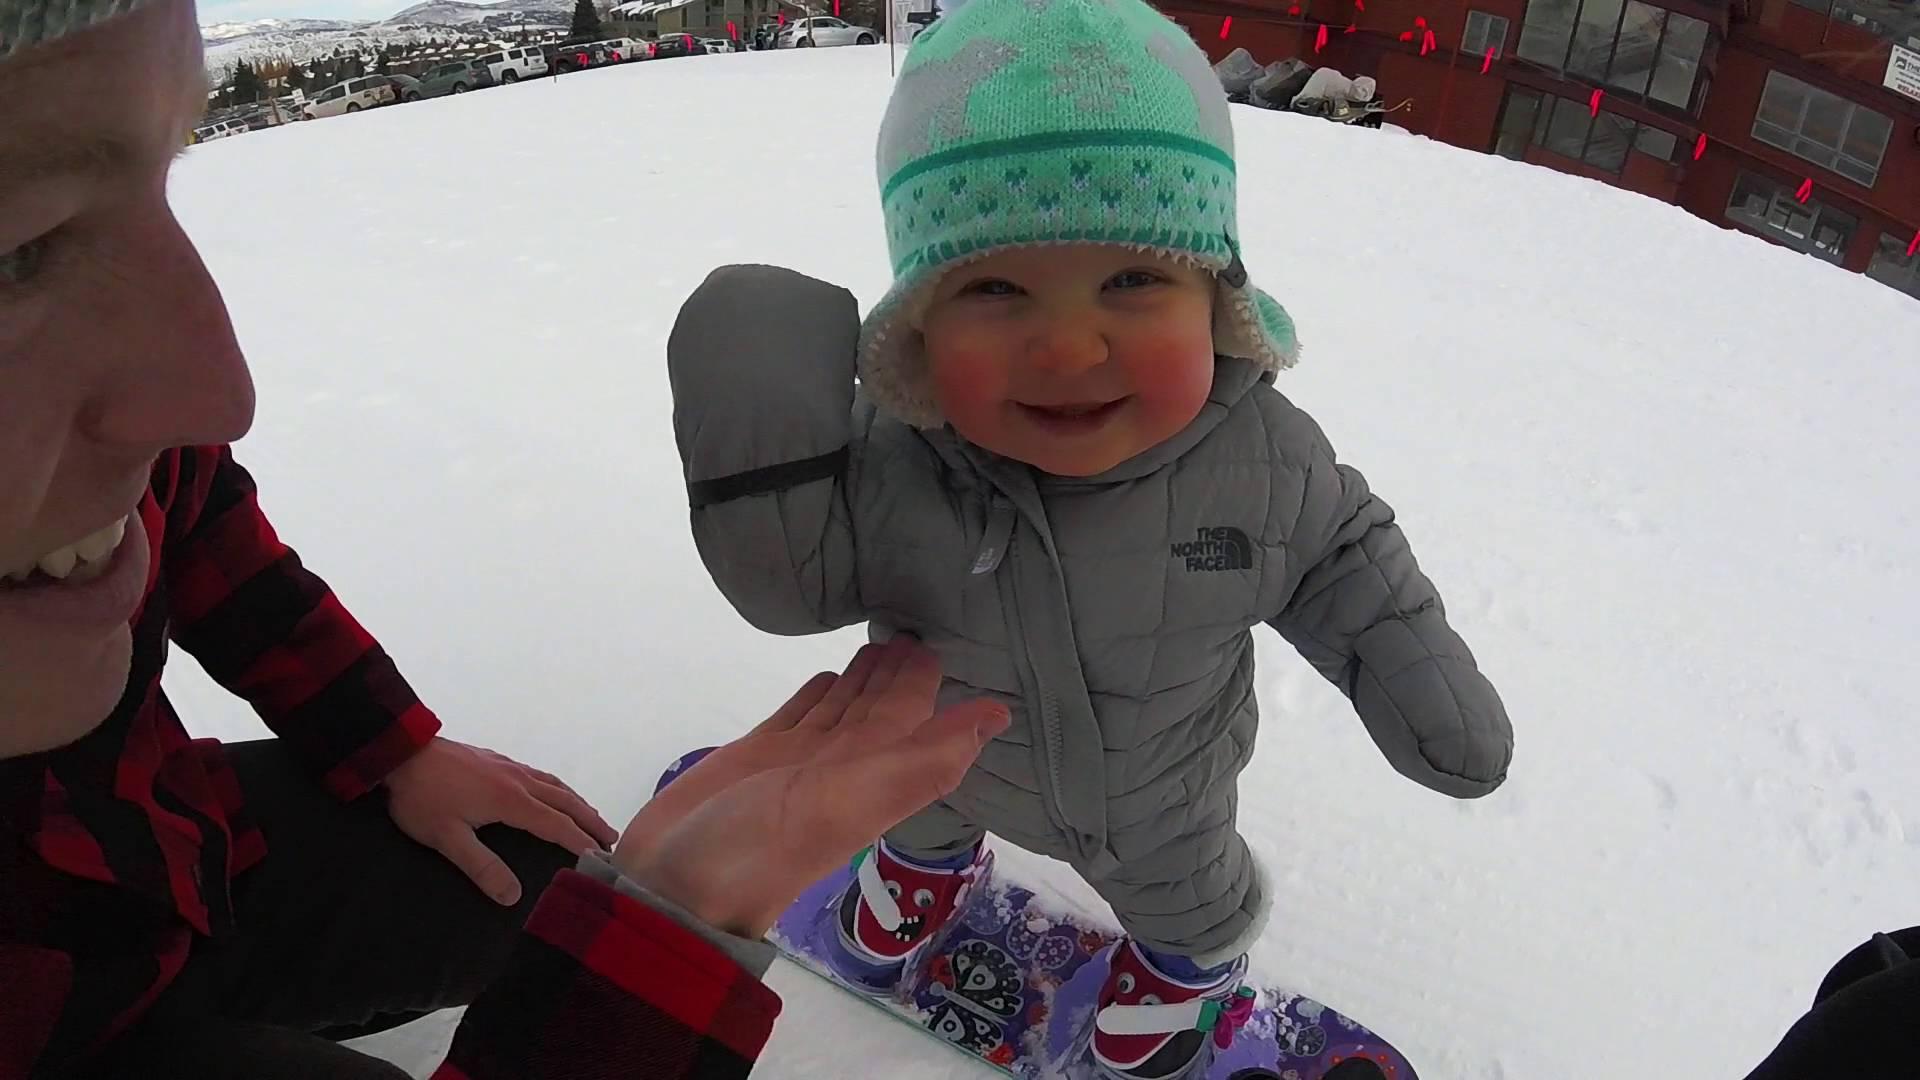 Le snowboardeur le plus petit du monde!